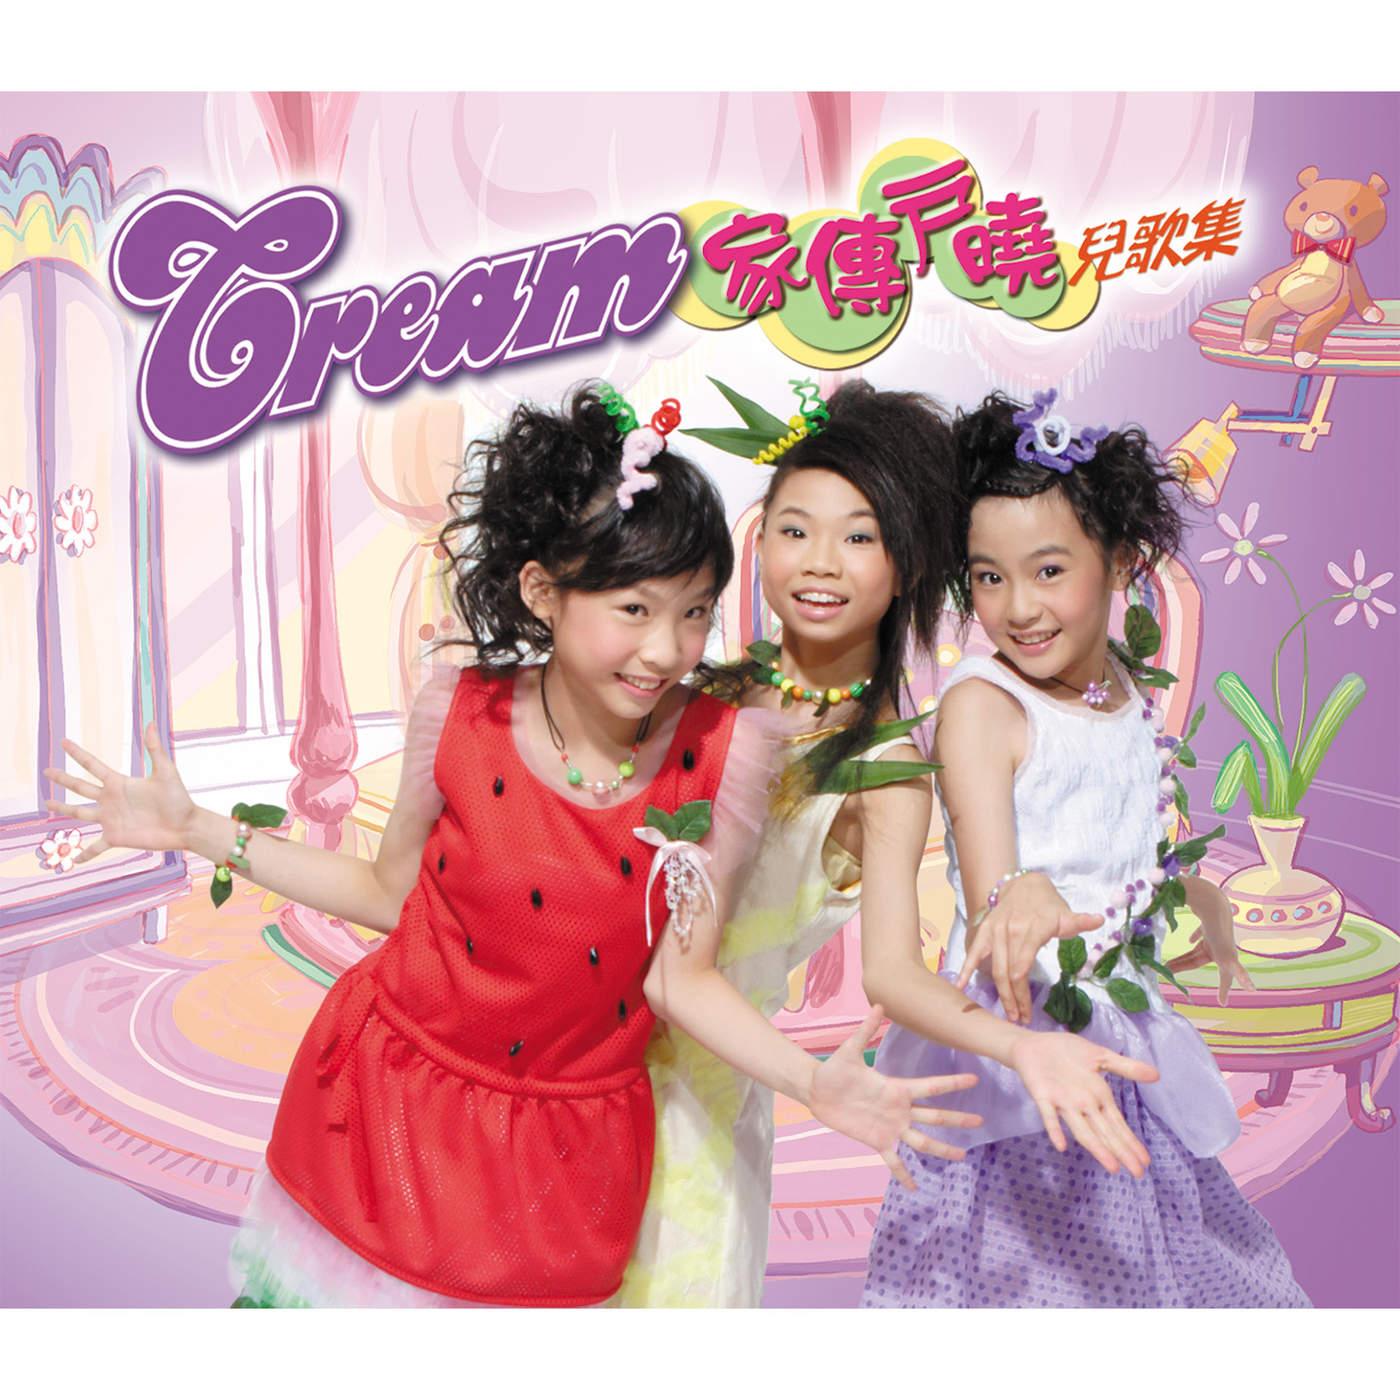 13歲時李蘊參加商場歌唱比賽入行,04年以組合Cream宣布加入樂壇。當時曾帶不少人質疑她們年紀太輕不適合入娛樂圈,引來不少爭議。(網上圖片)